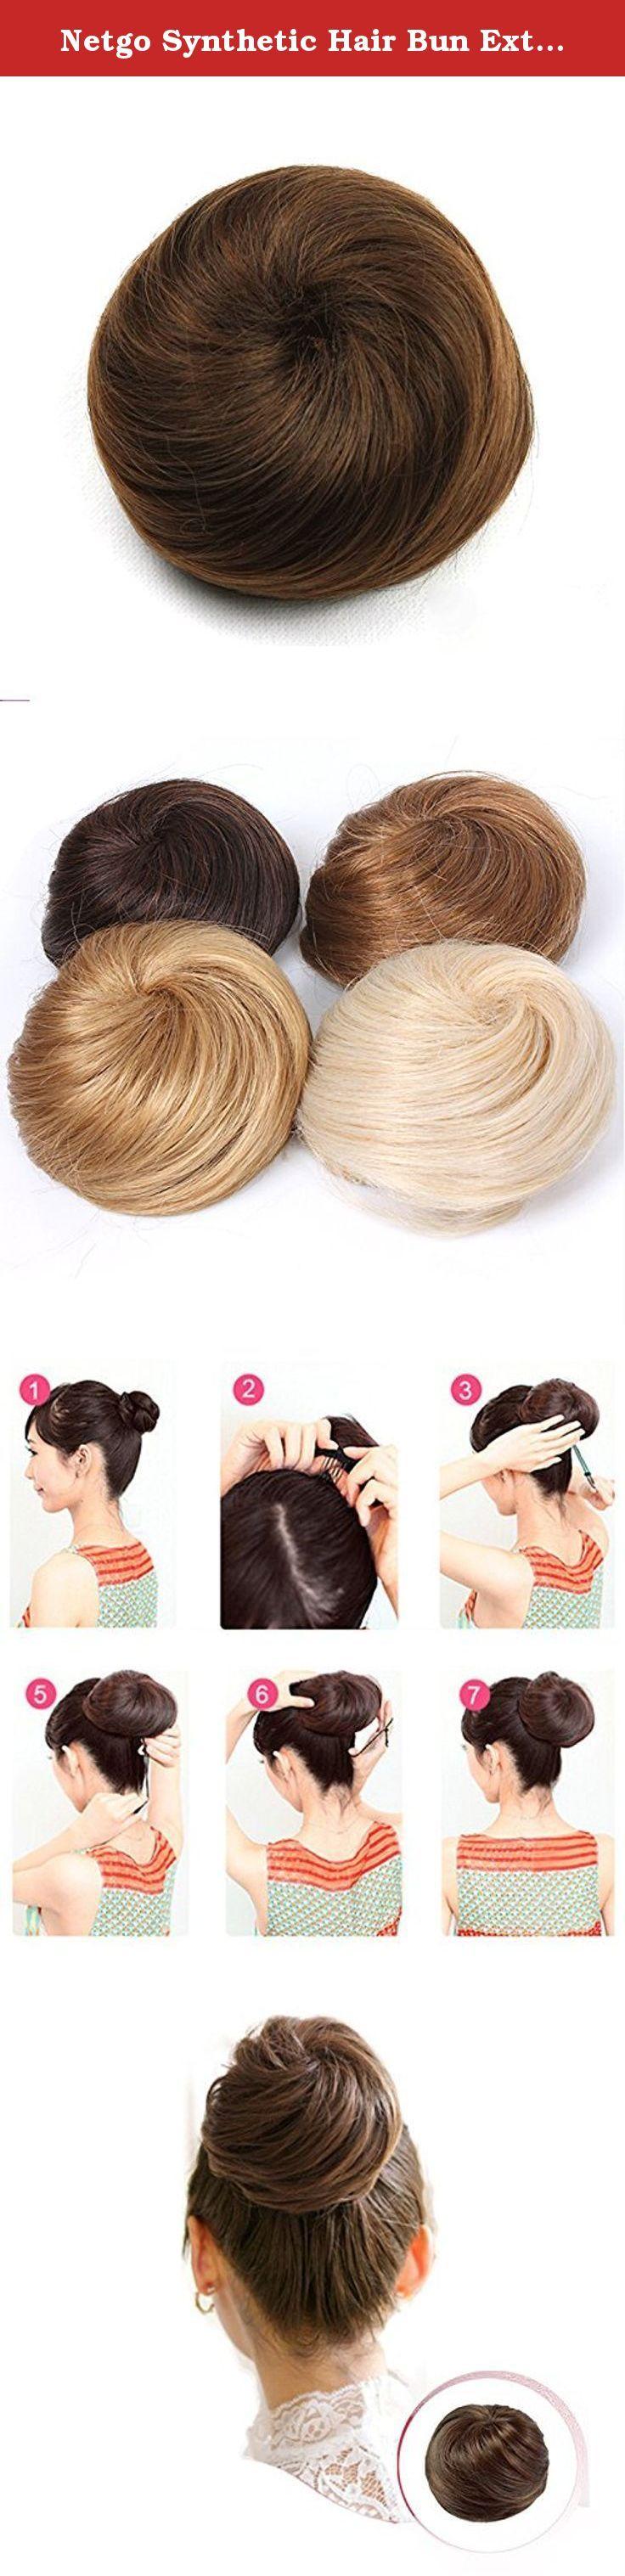 Netgo Synthetic Hair Bun Extensions Donut Chignon Hairpiece Wig